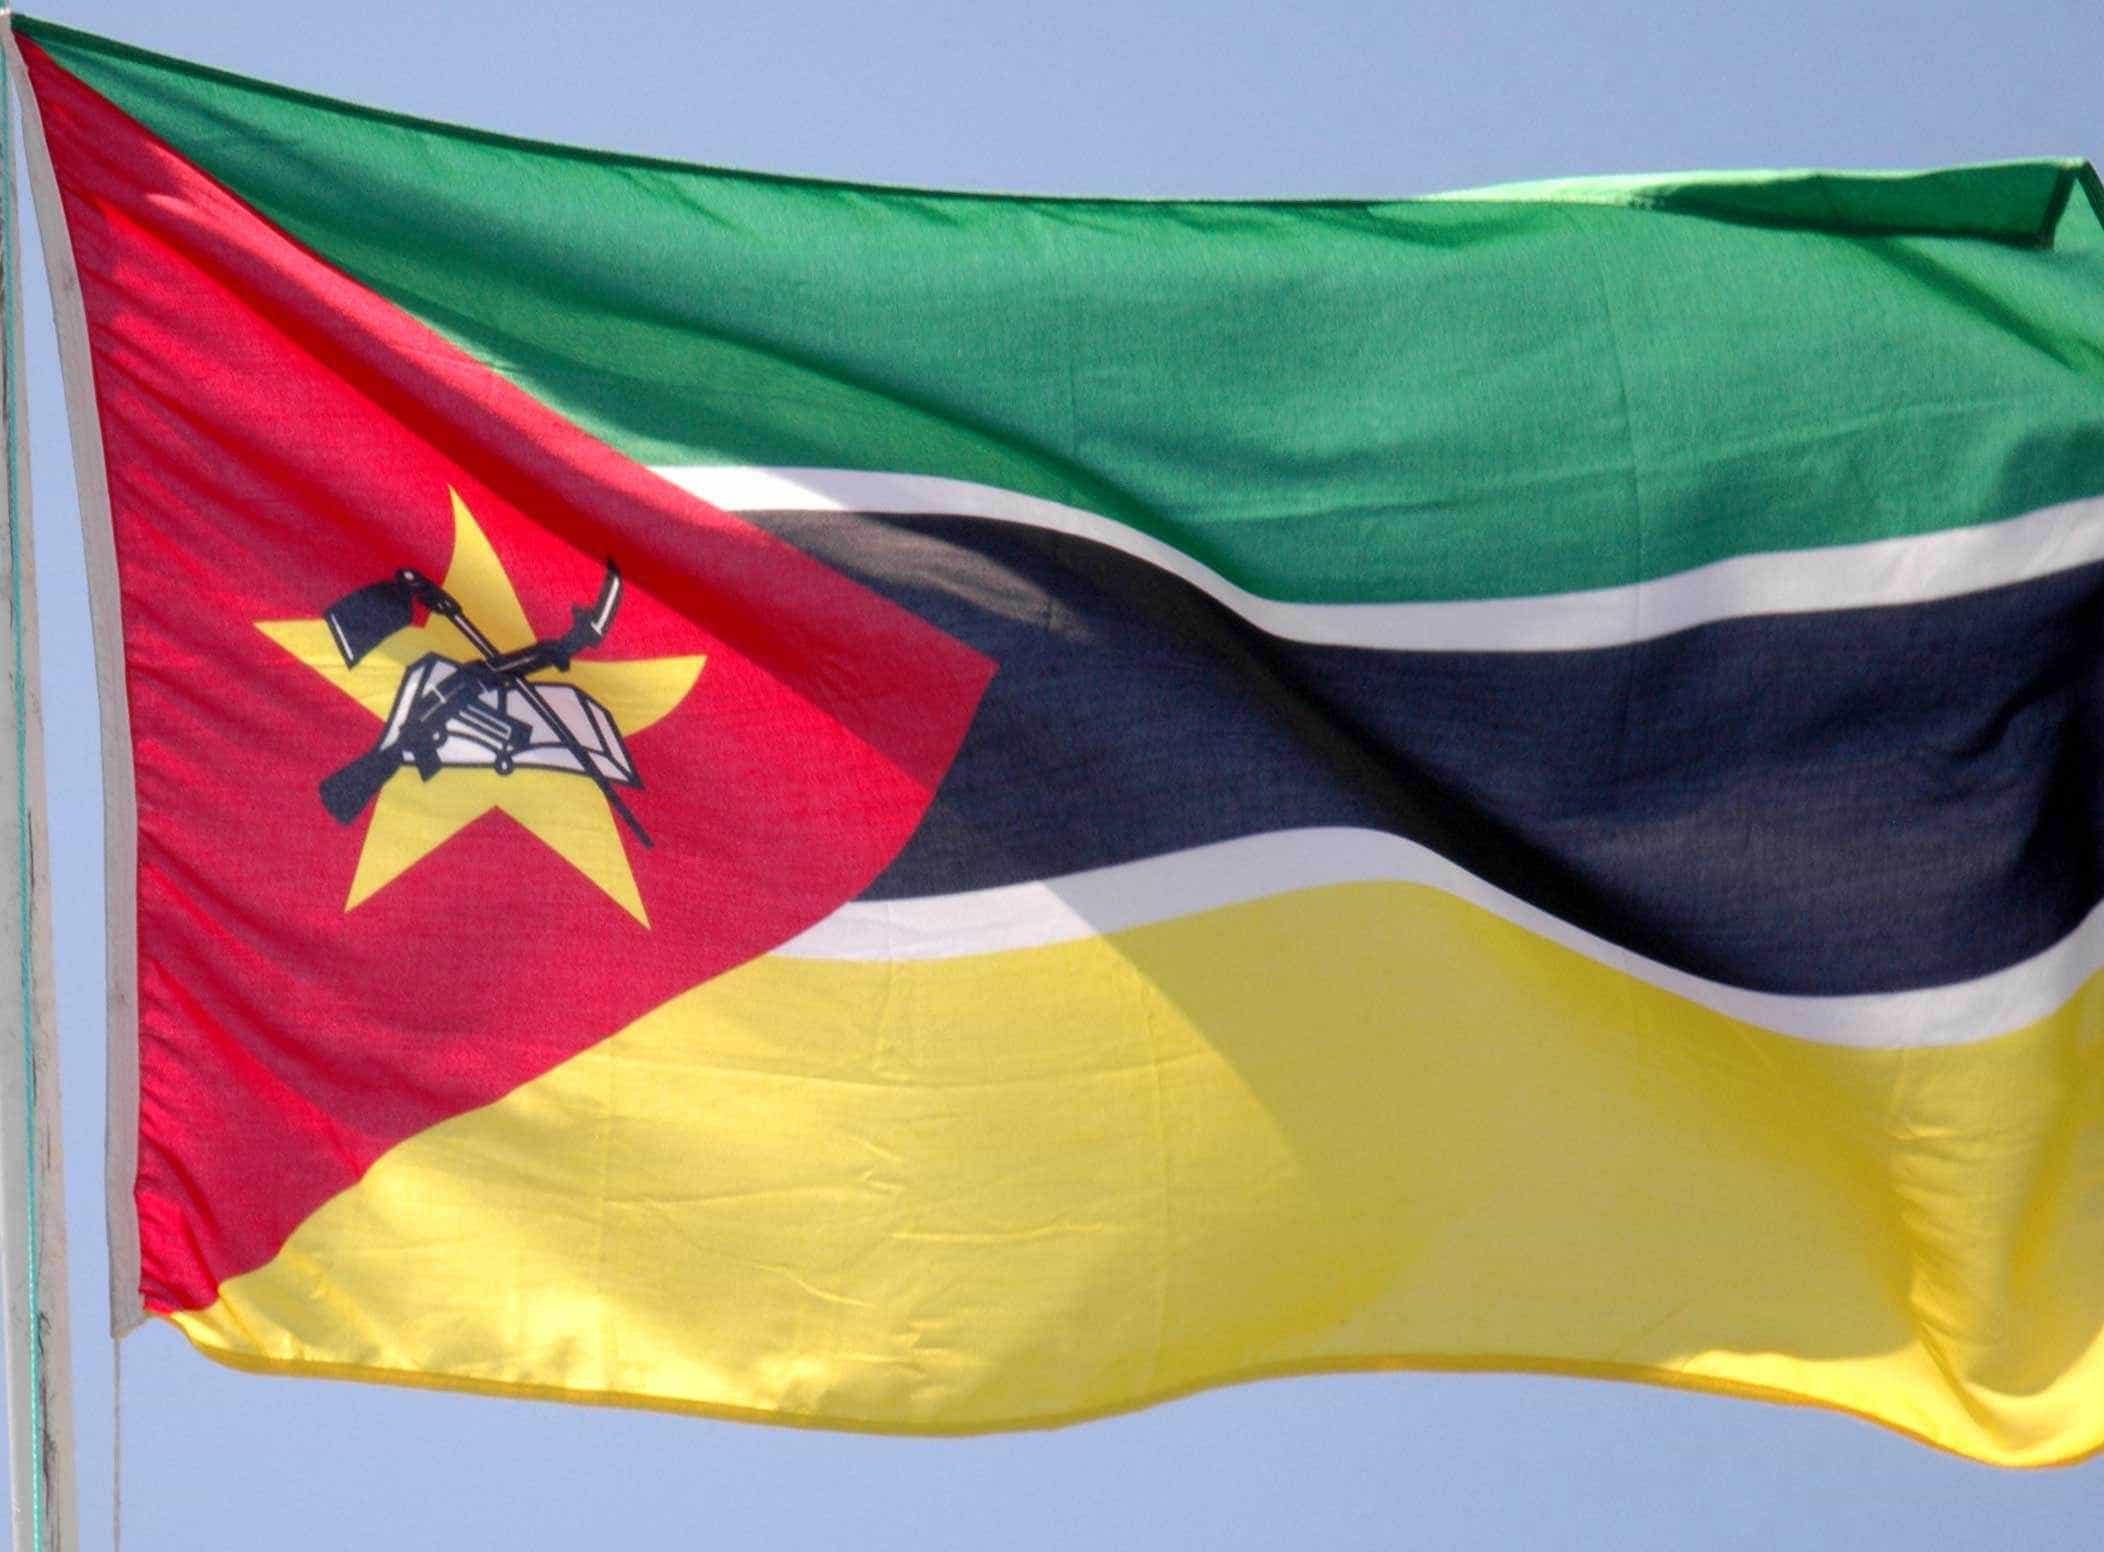 Bancos moçambicanos perdem 71 mil euros por dia com apagão de ATM